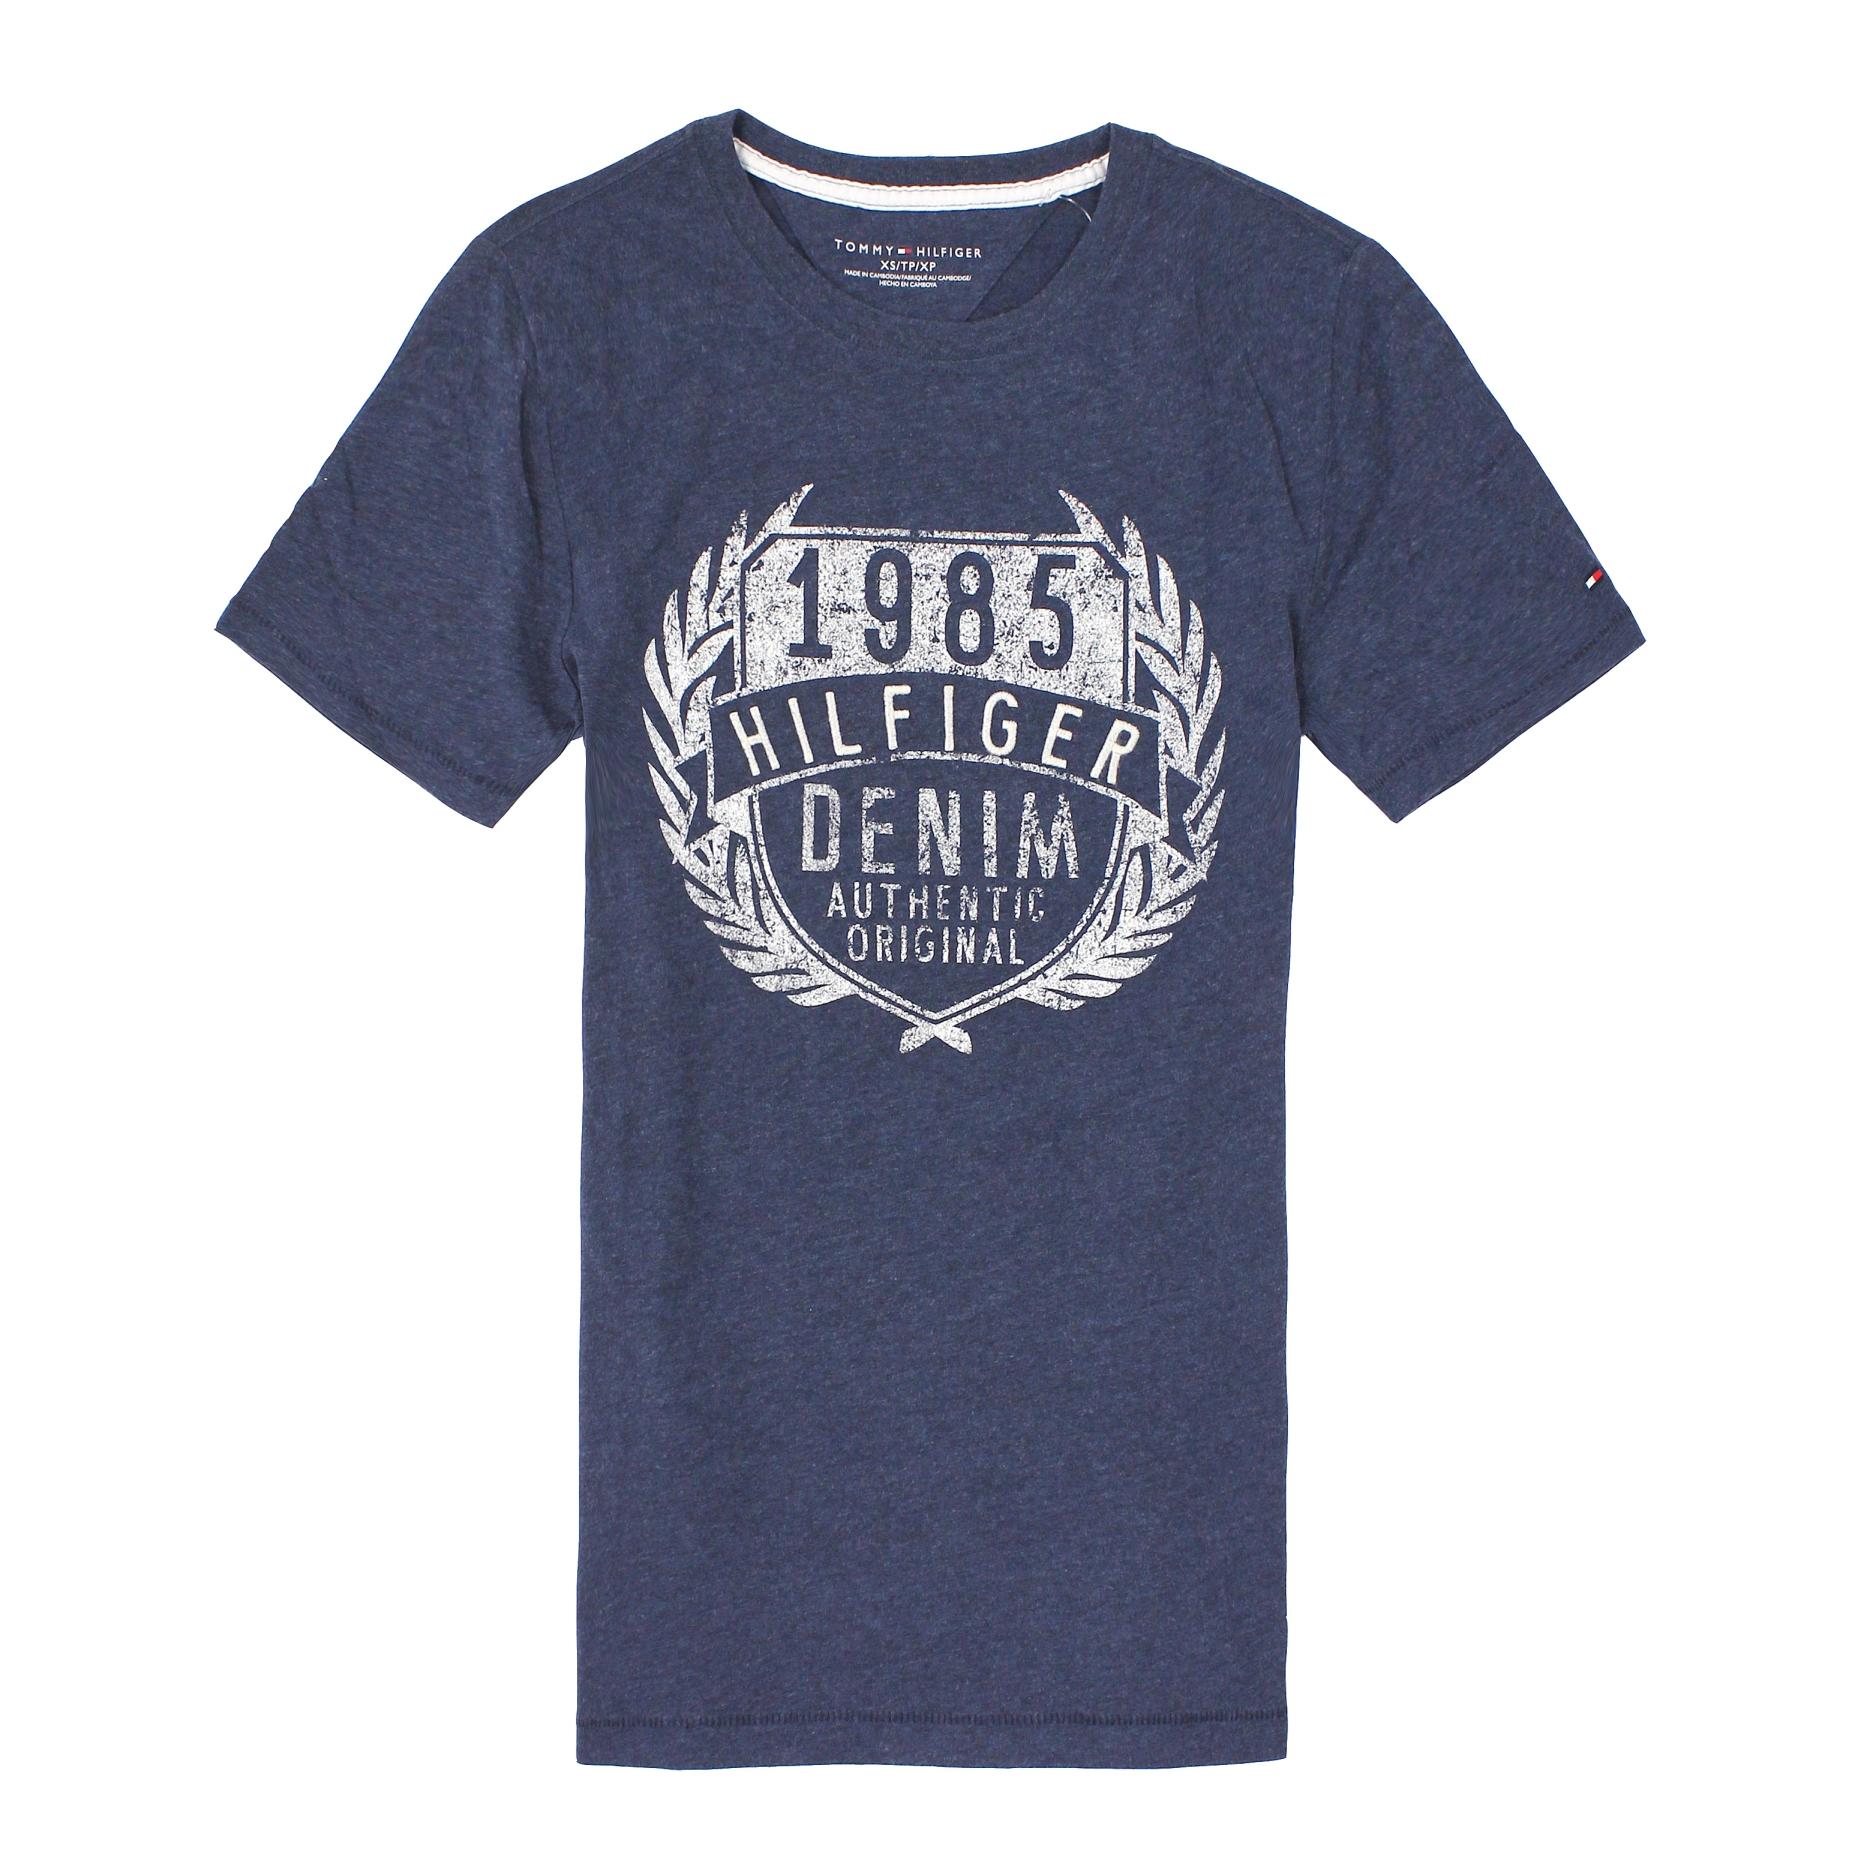 美國百分百【全新真品】Tommy Hilfiger T恤 TH 短袖 T-shirt 上衣 深藍 文字 印刷 桂冠 刺繡 男 XS S